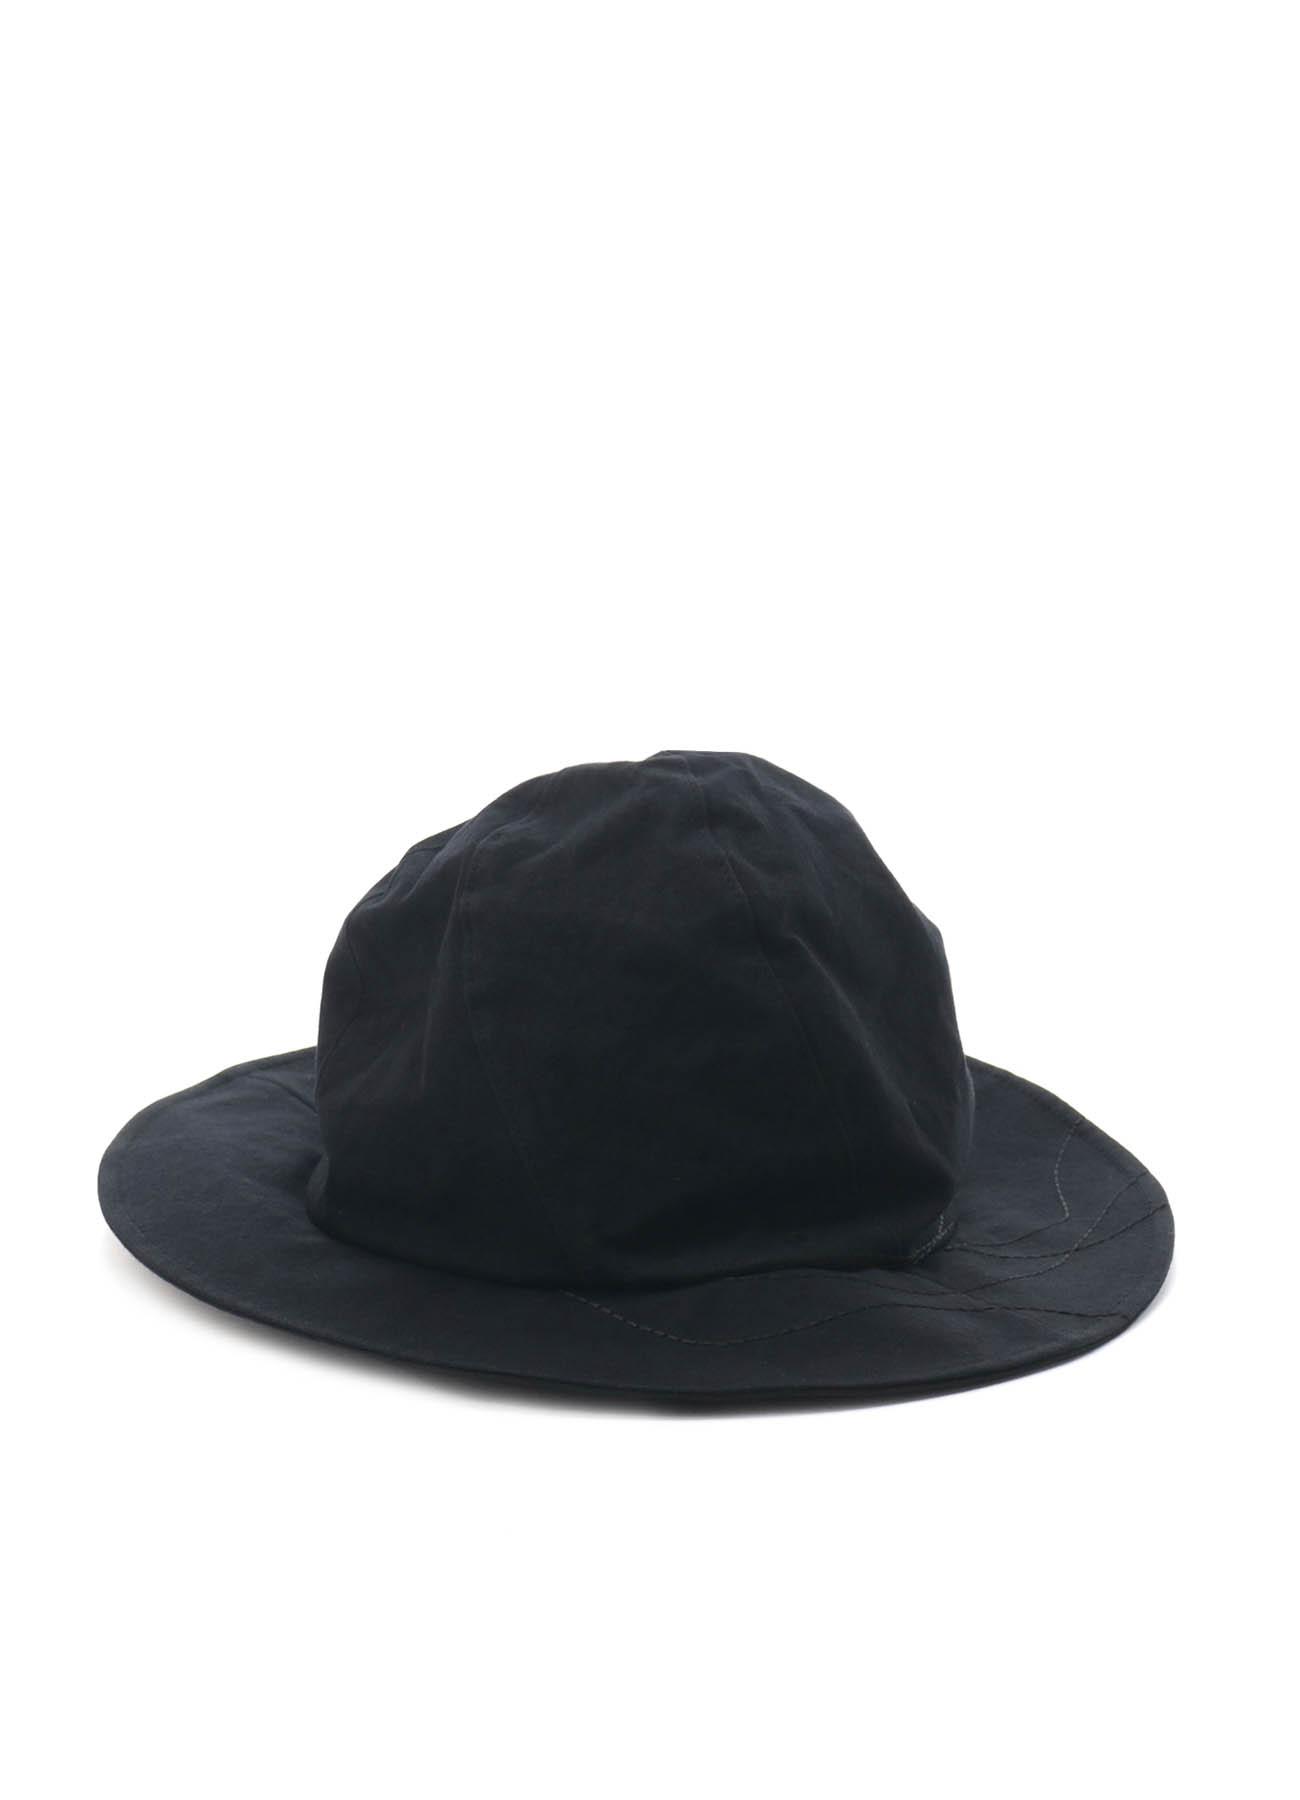 PARAFFIN CAMBAS PARAFFIN STITCH HAT